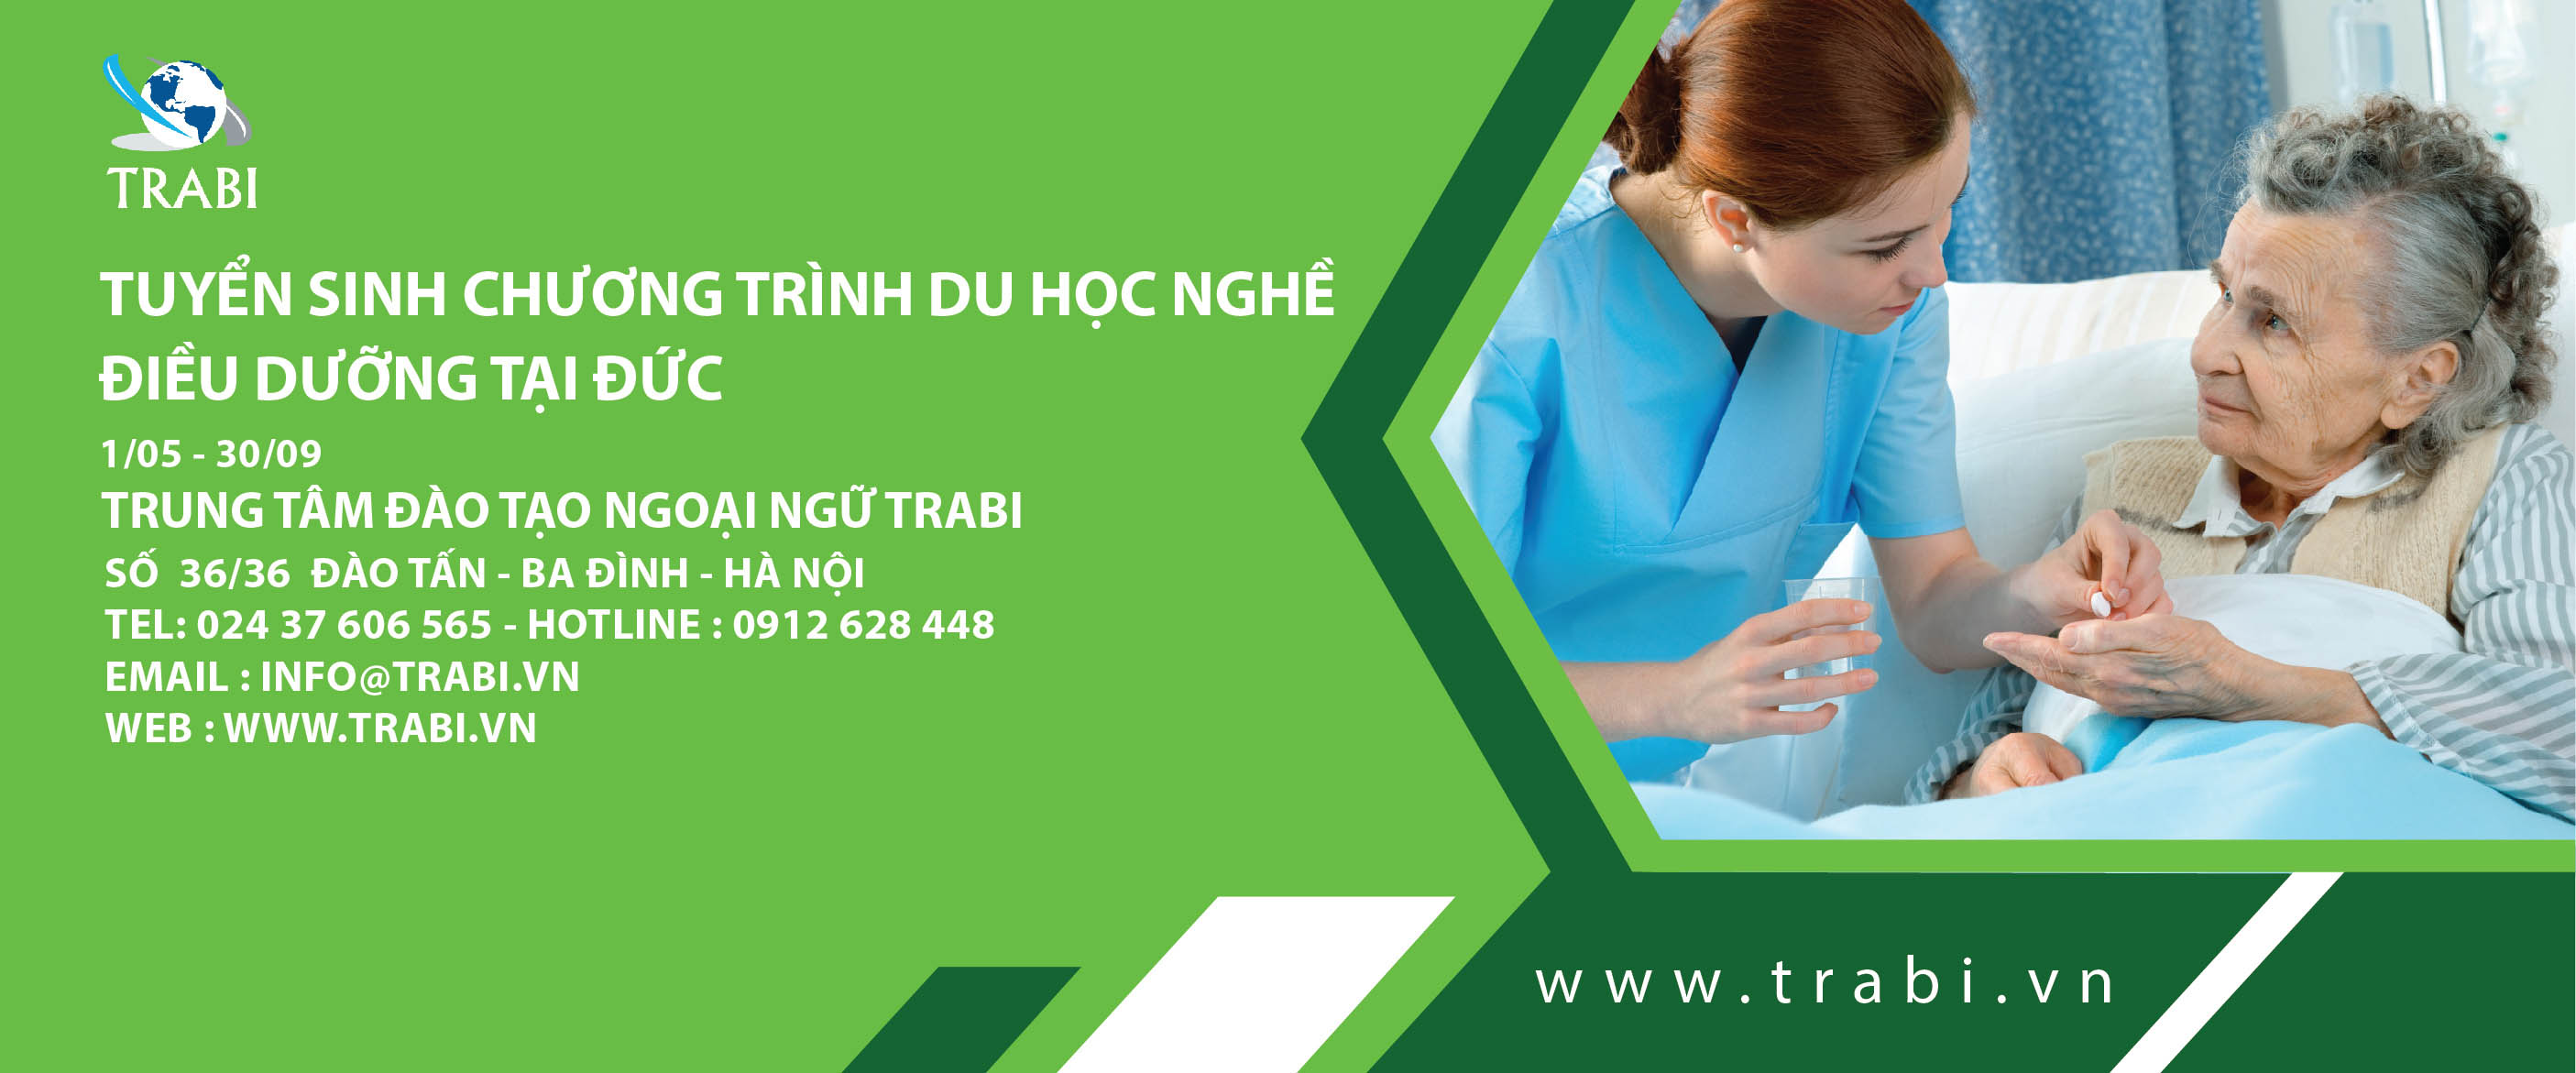 Tham gia chương trình du học nghề điều dưỡng tại Đức cùng TRABI